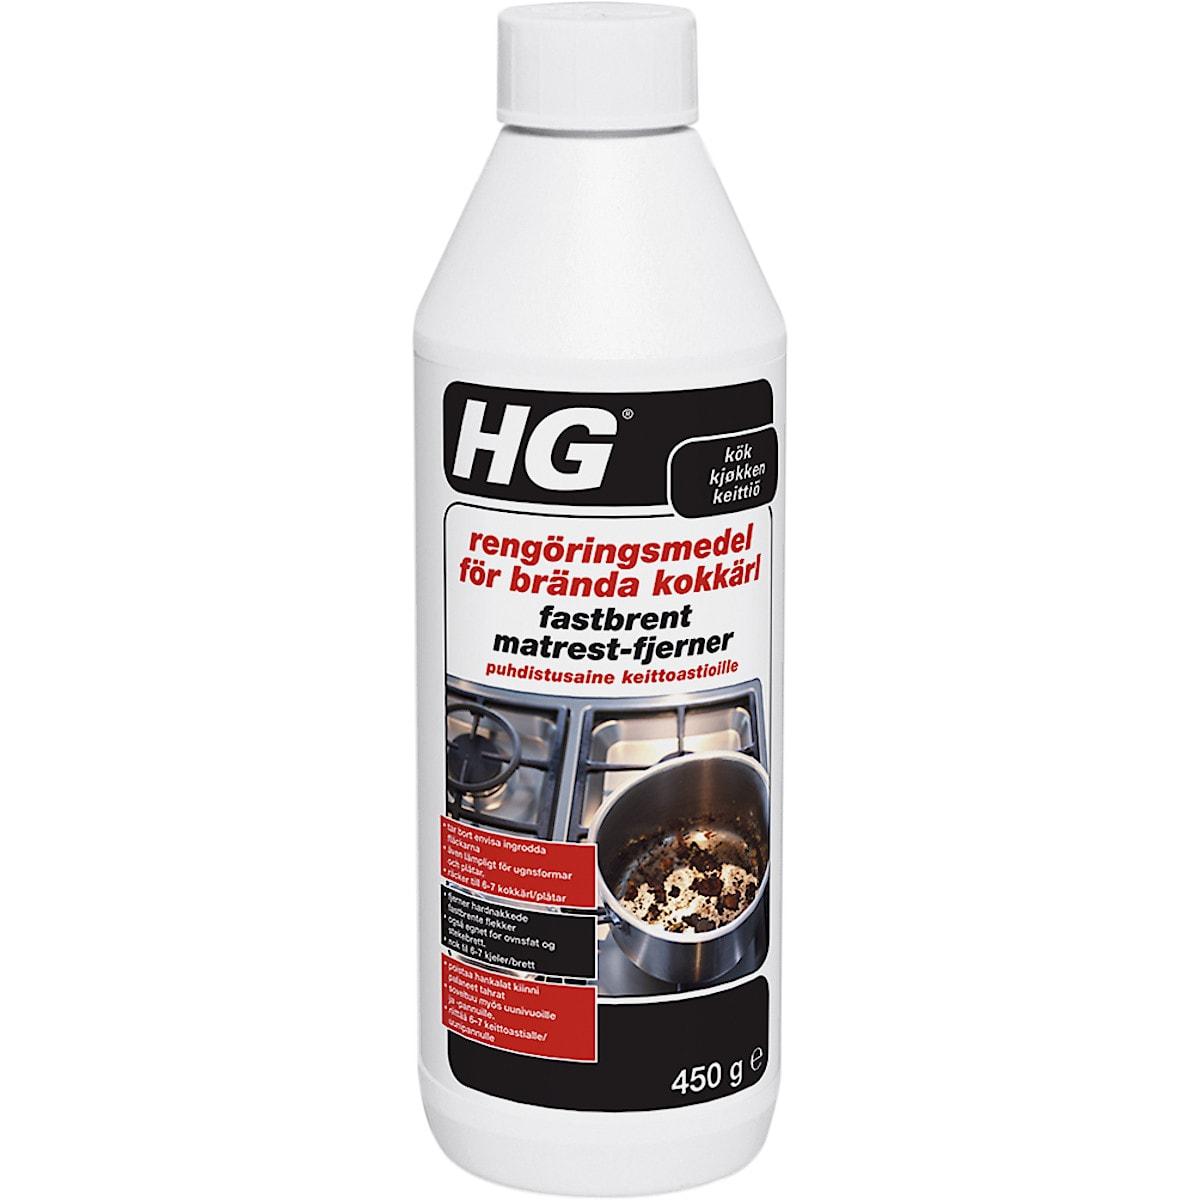 Rengöringsmedel brända kokkärl HG 450 g